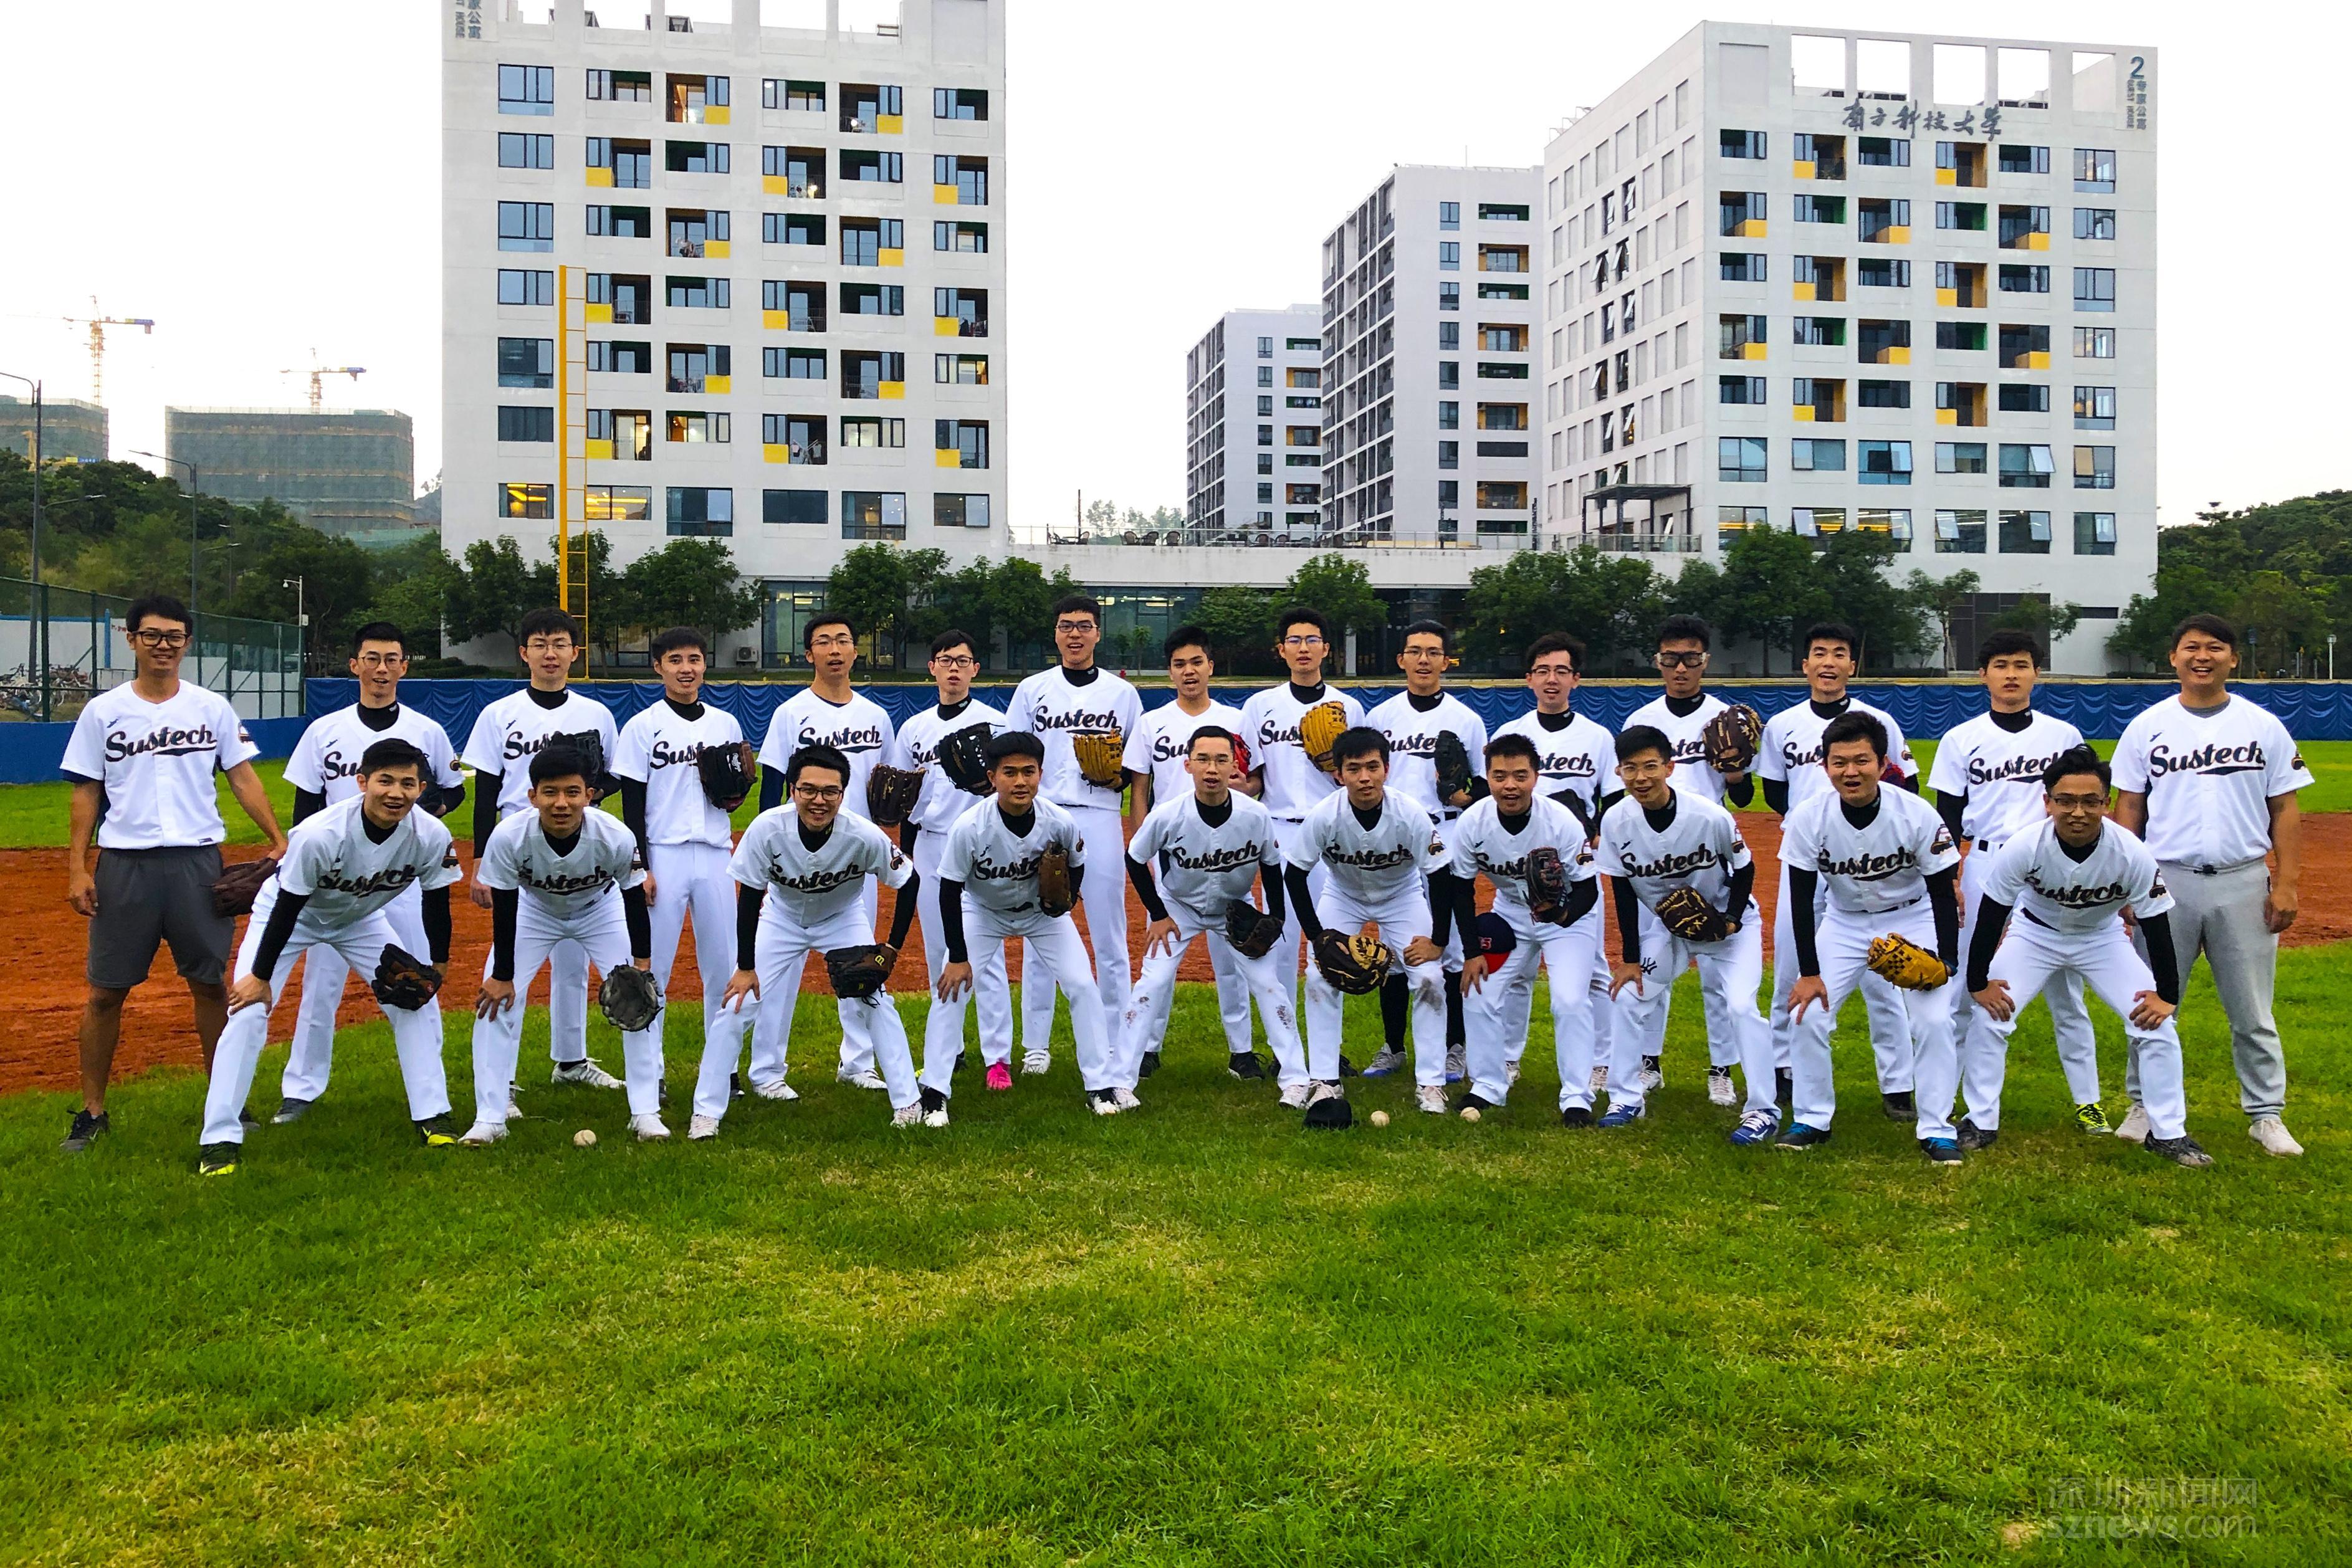 海峡两岸棒球赛12月1日深圳开赛 四支东道主球队